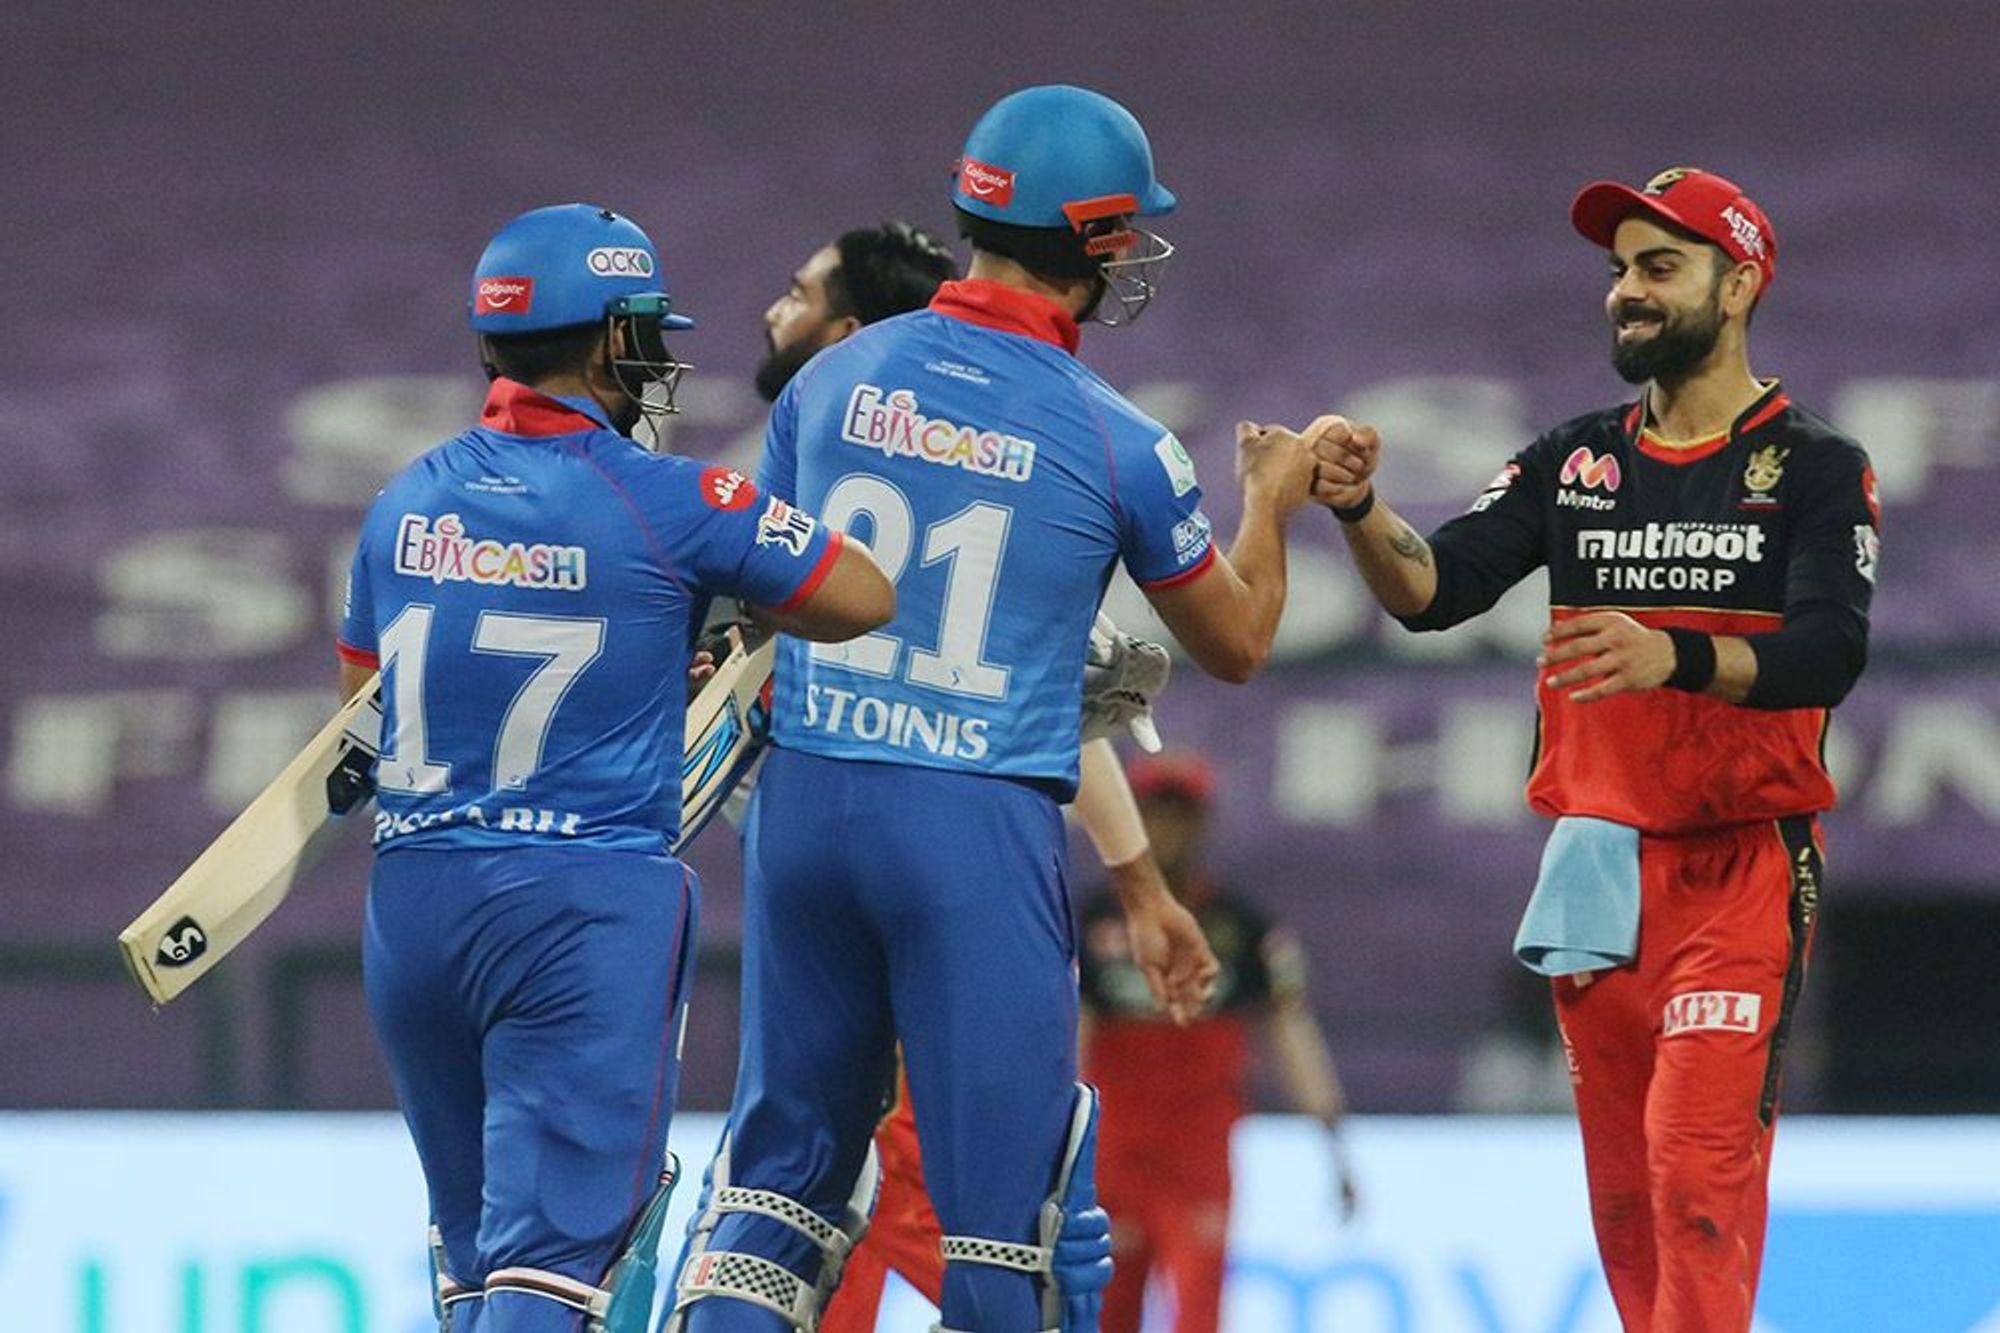 बेंगलोर पराजित हुँदा दिल्ली आईपीएलकाे शीर्ष २ मा पर्ने पक्का, फाइनल जान २ मौका पाउने